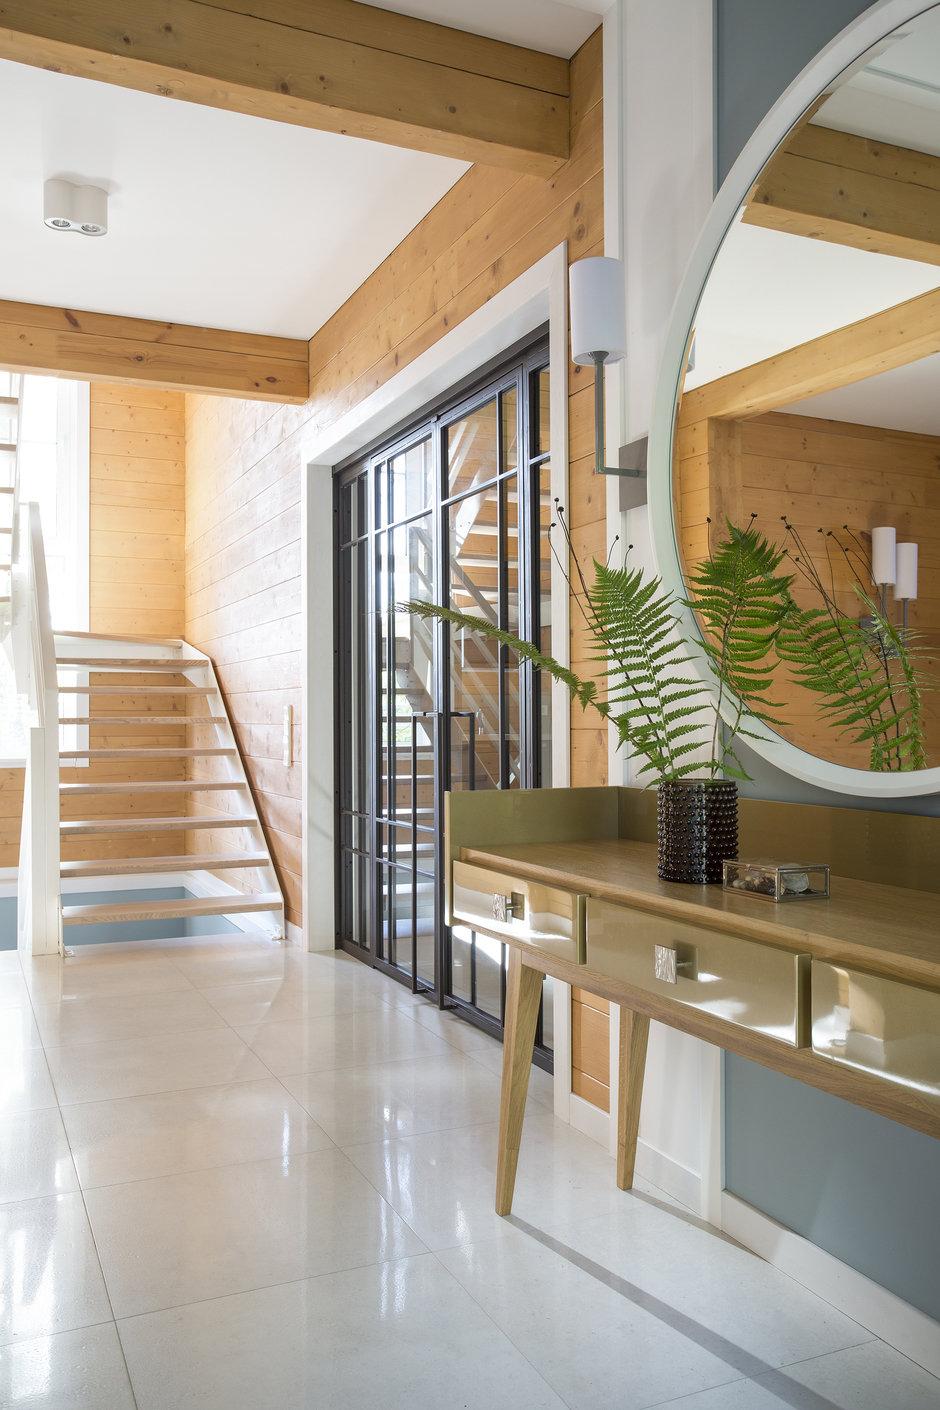 Фотография: Прихожая в стиле Современный, Дом, 4 и больше, Более 90 метров, Студия TS Design, #эксклюзивныепроекты – фото на InMyRoom.ru